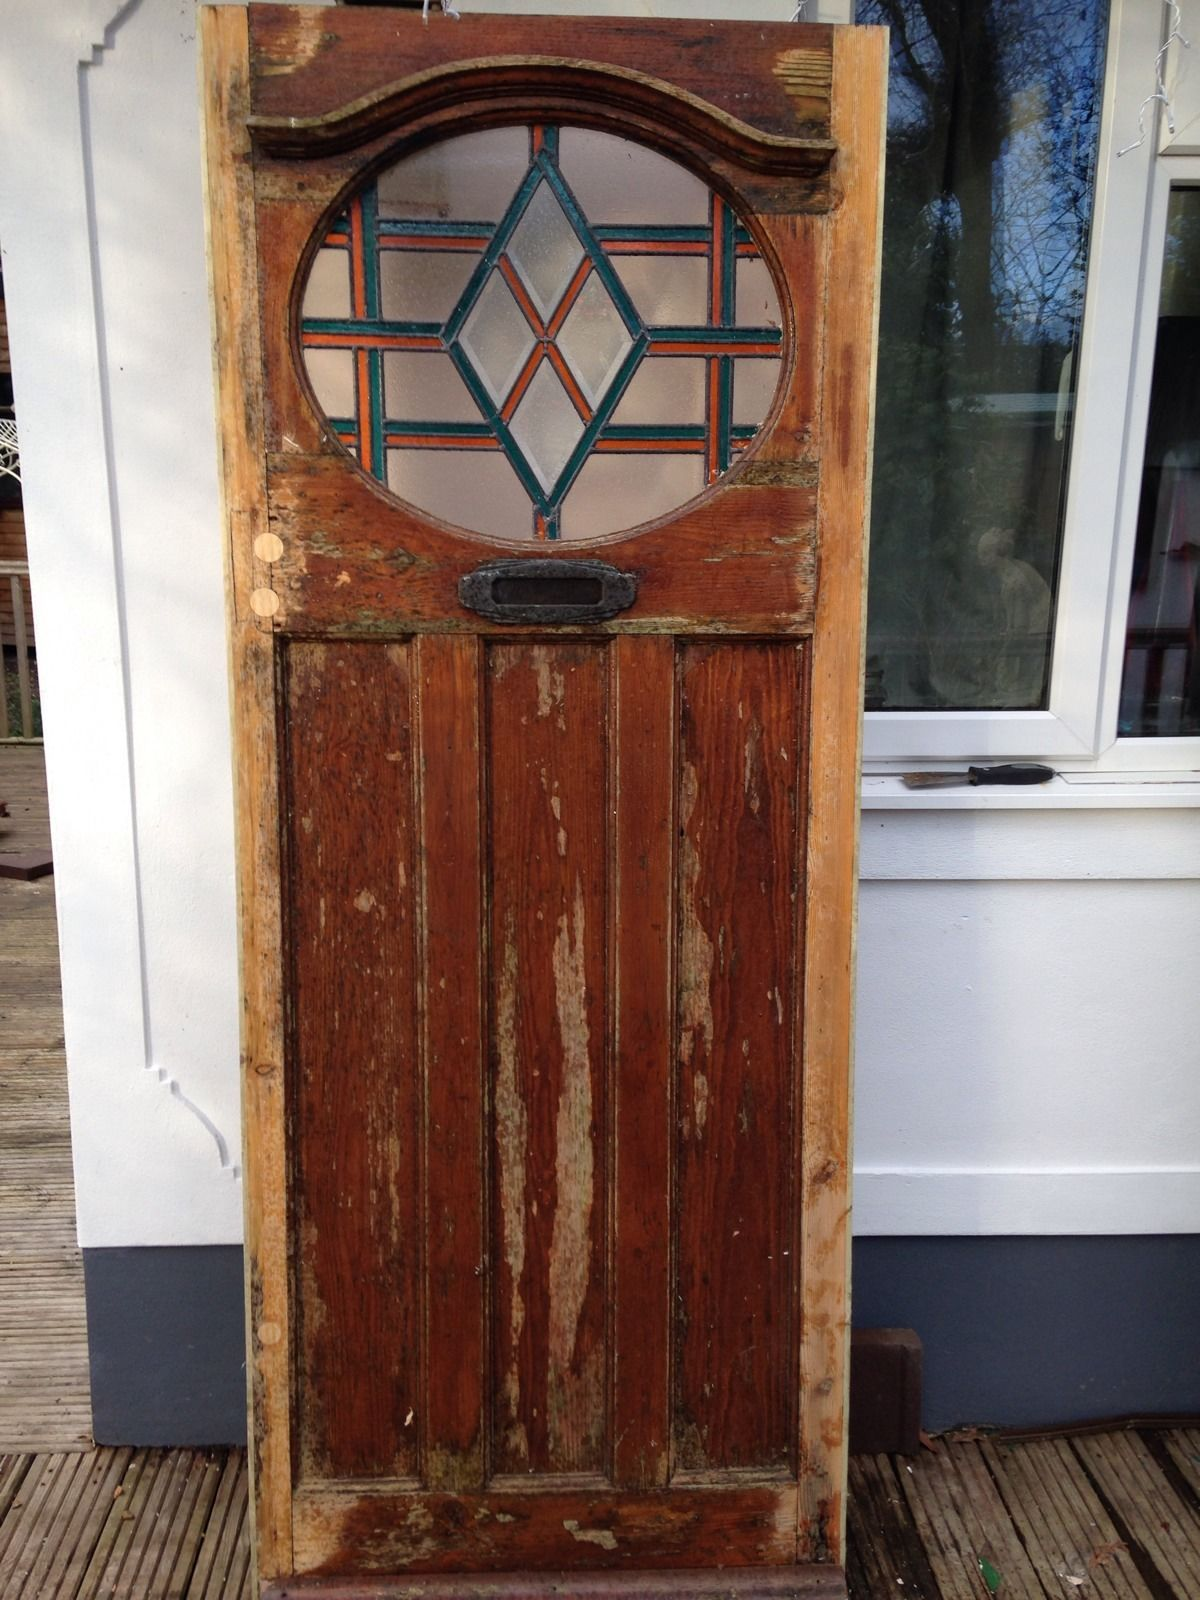 1930s lead light art deco stain glass front door wood for 1930s external door